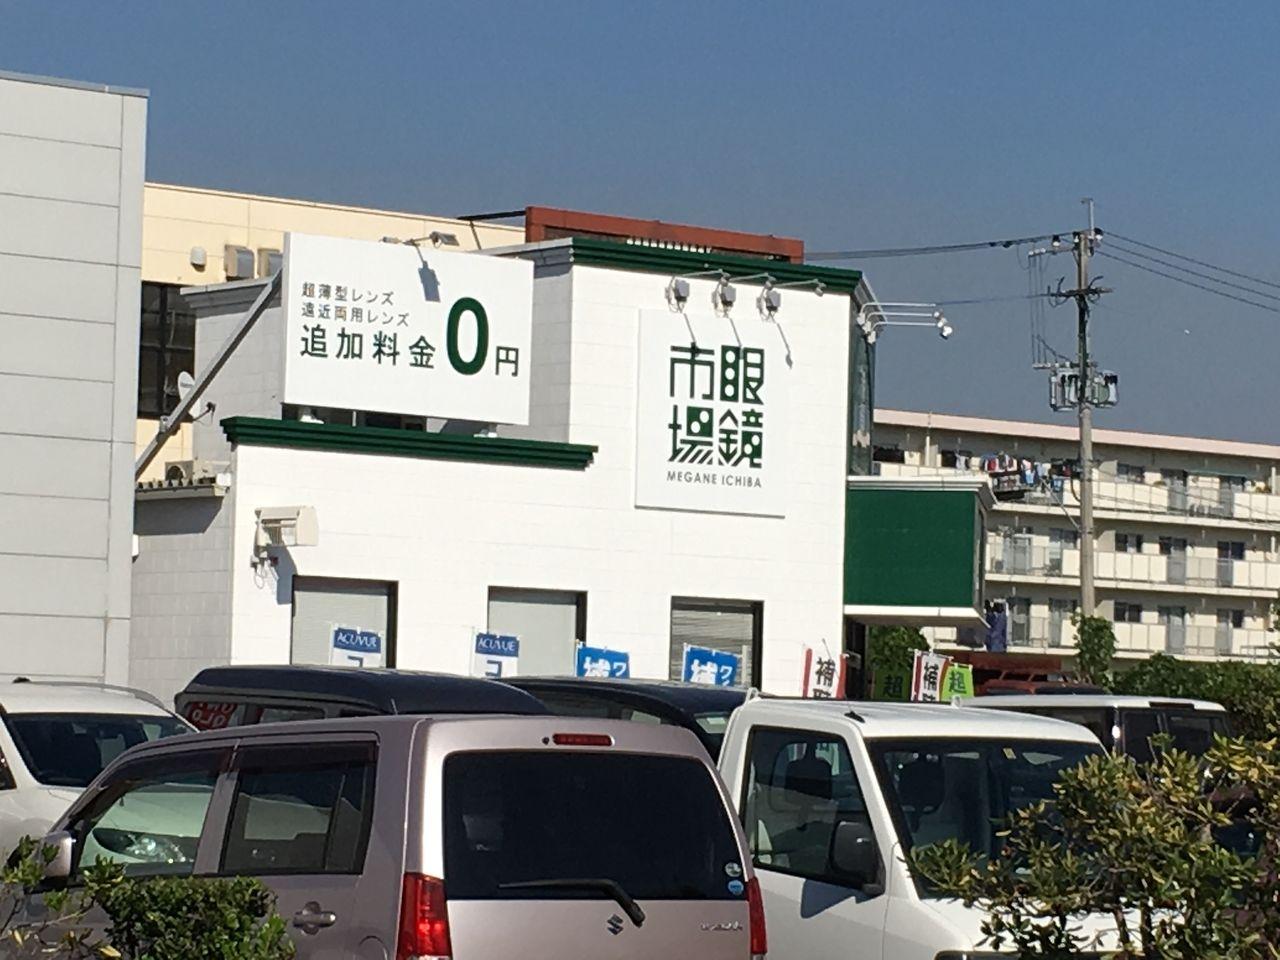 熊本市東区東町にあるサンロードシティ熊本にある眼鏡市場